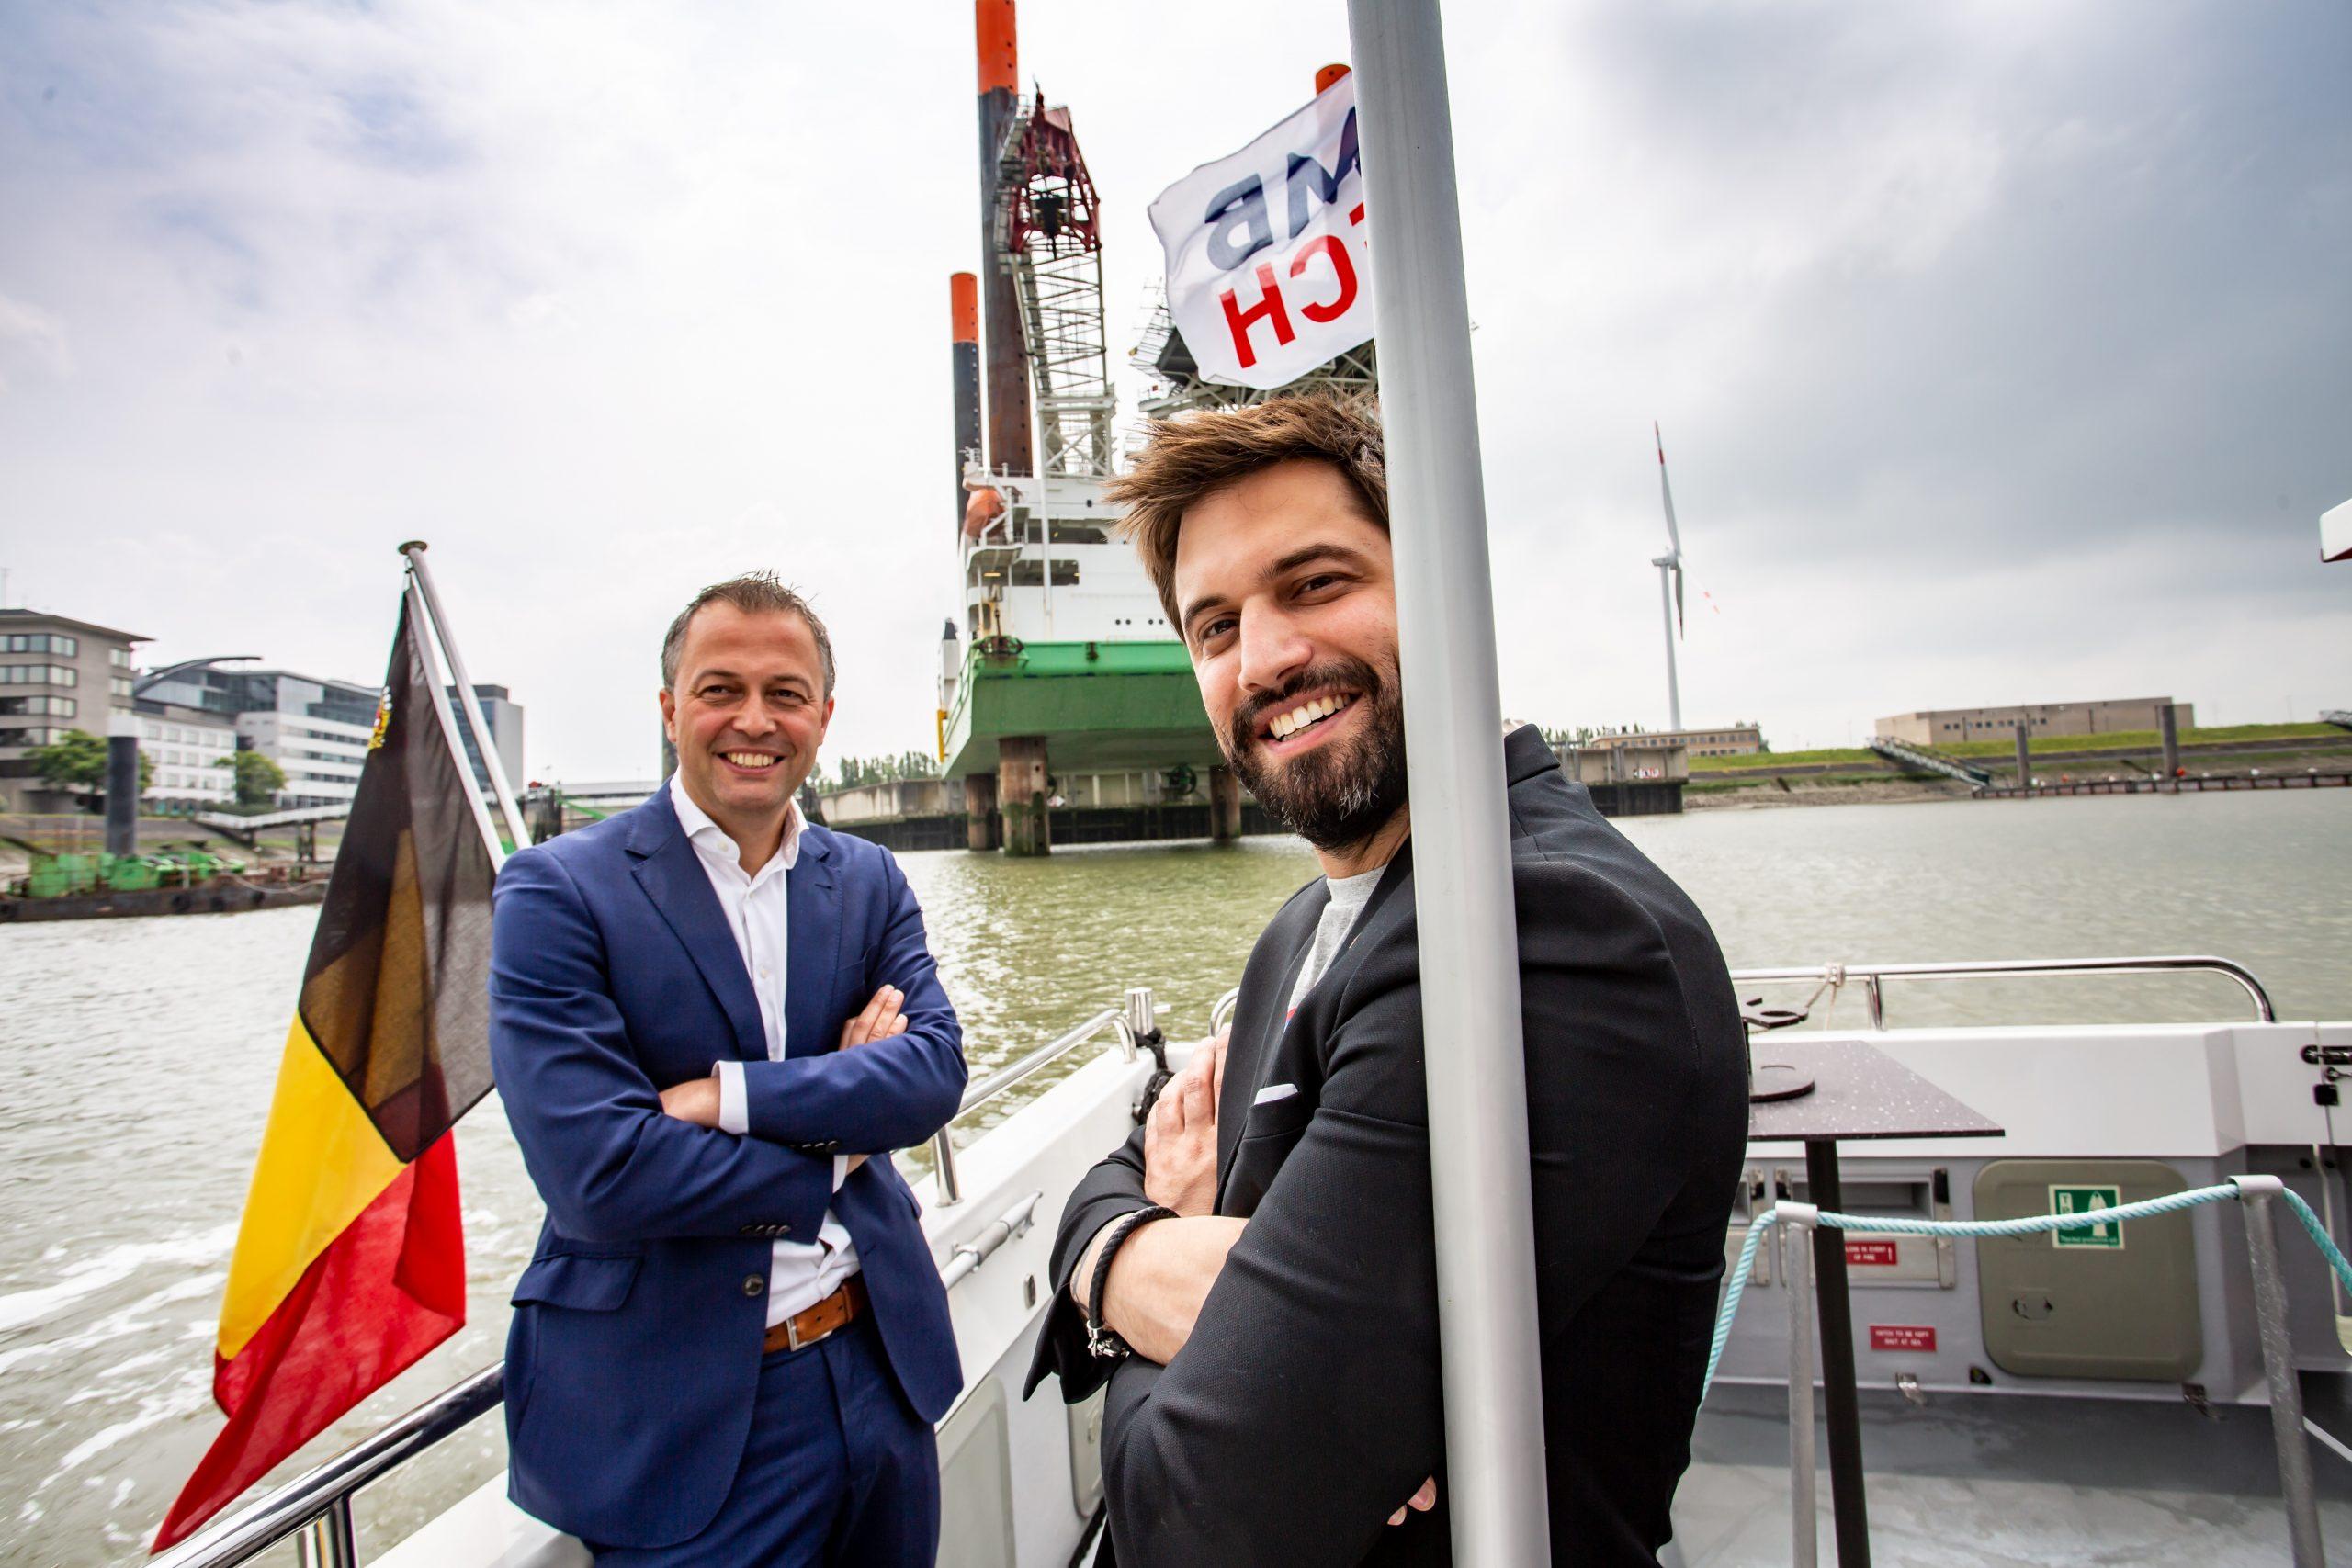 Tournée Libérale de Belgique : les présidents du MR et de l'Open VLD en visite à Anvers